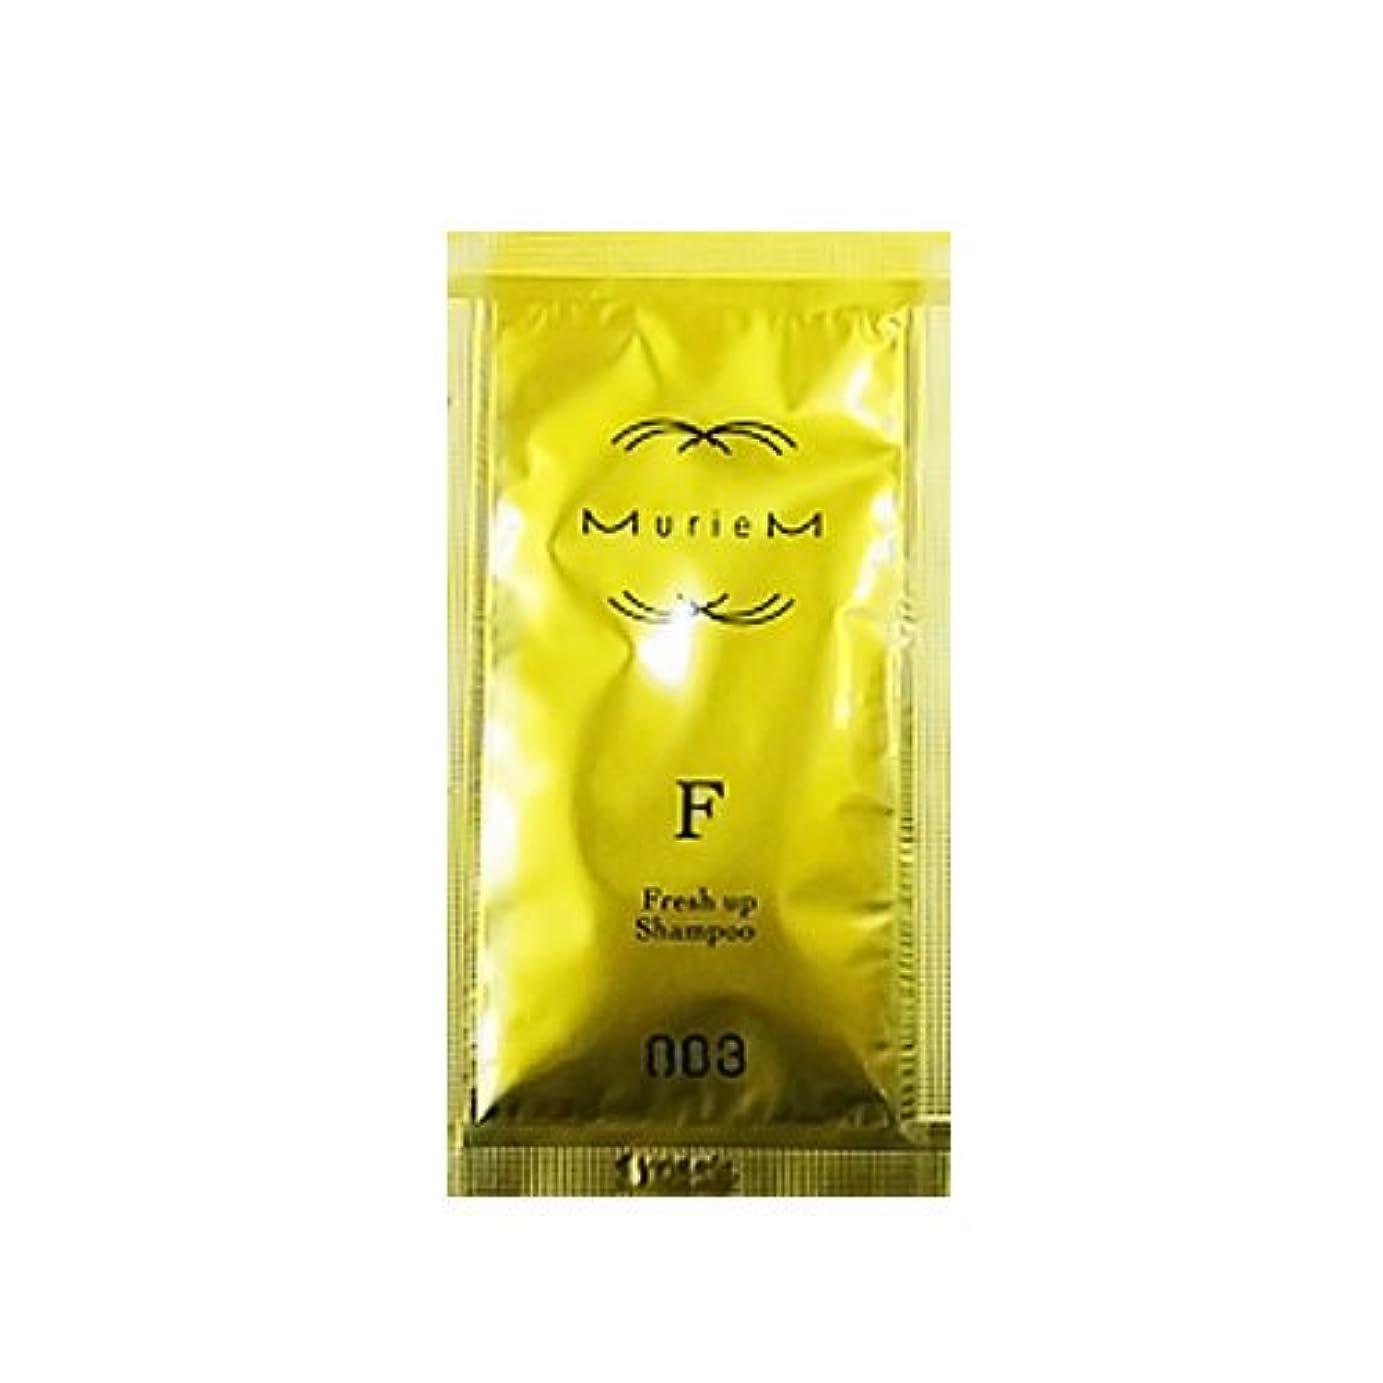 肥満動脈なめらかなナンバースリー ミュリアム ゴールド シャンプー F(フレッシュ アップ) 10ml【お試し】